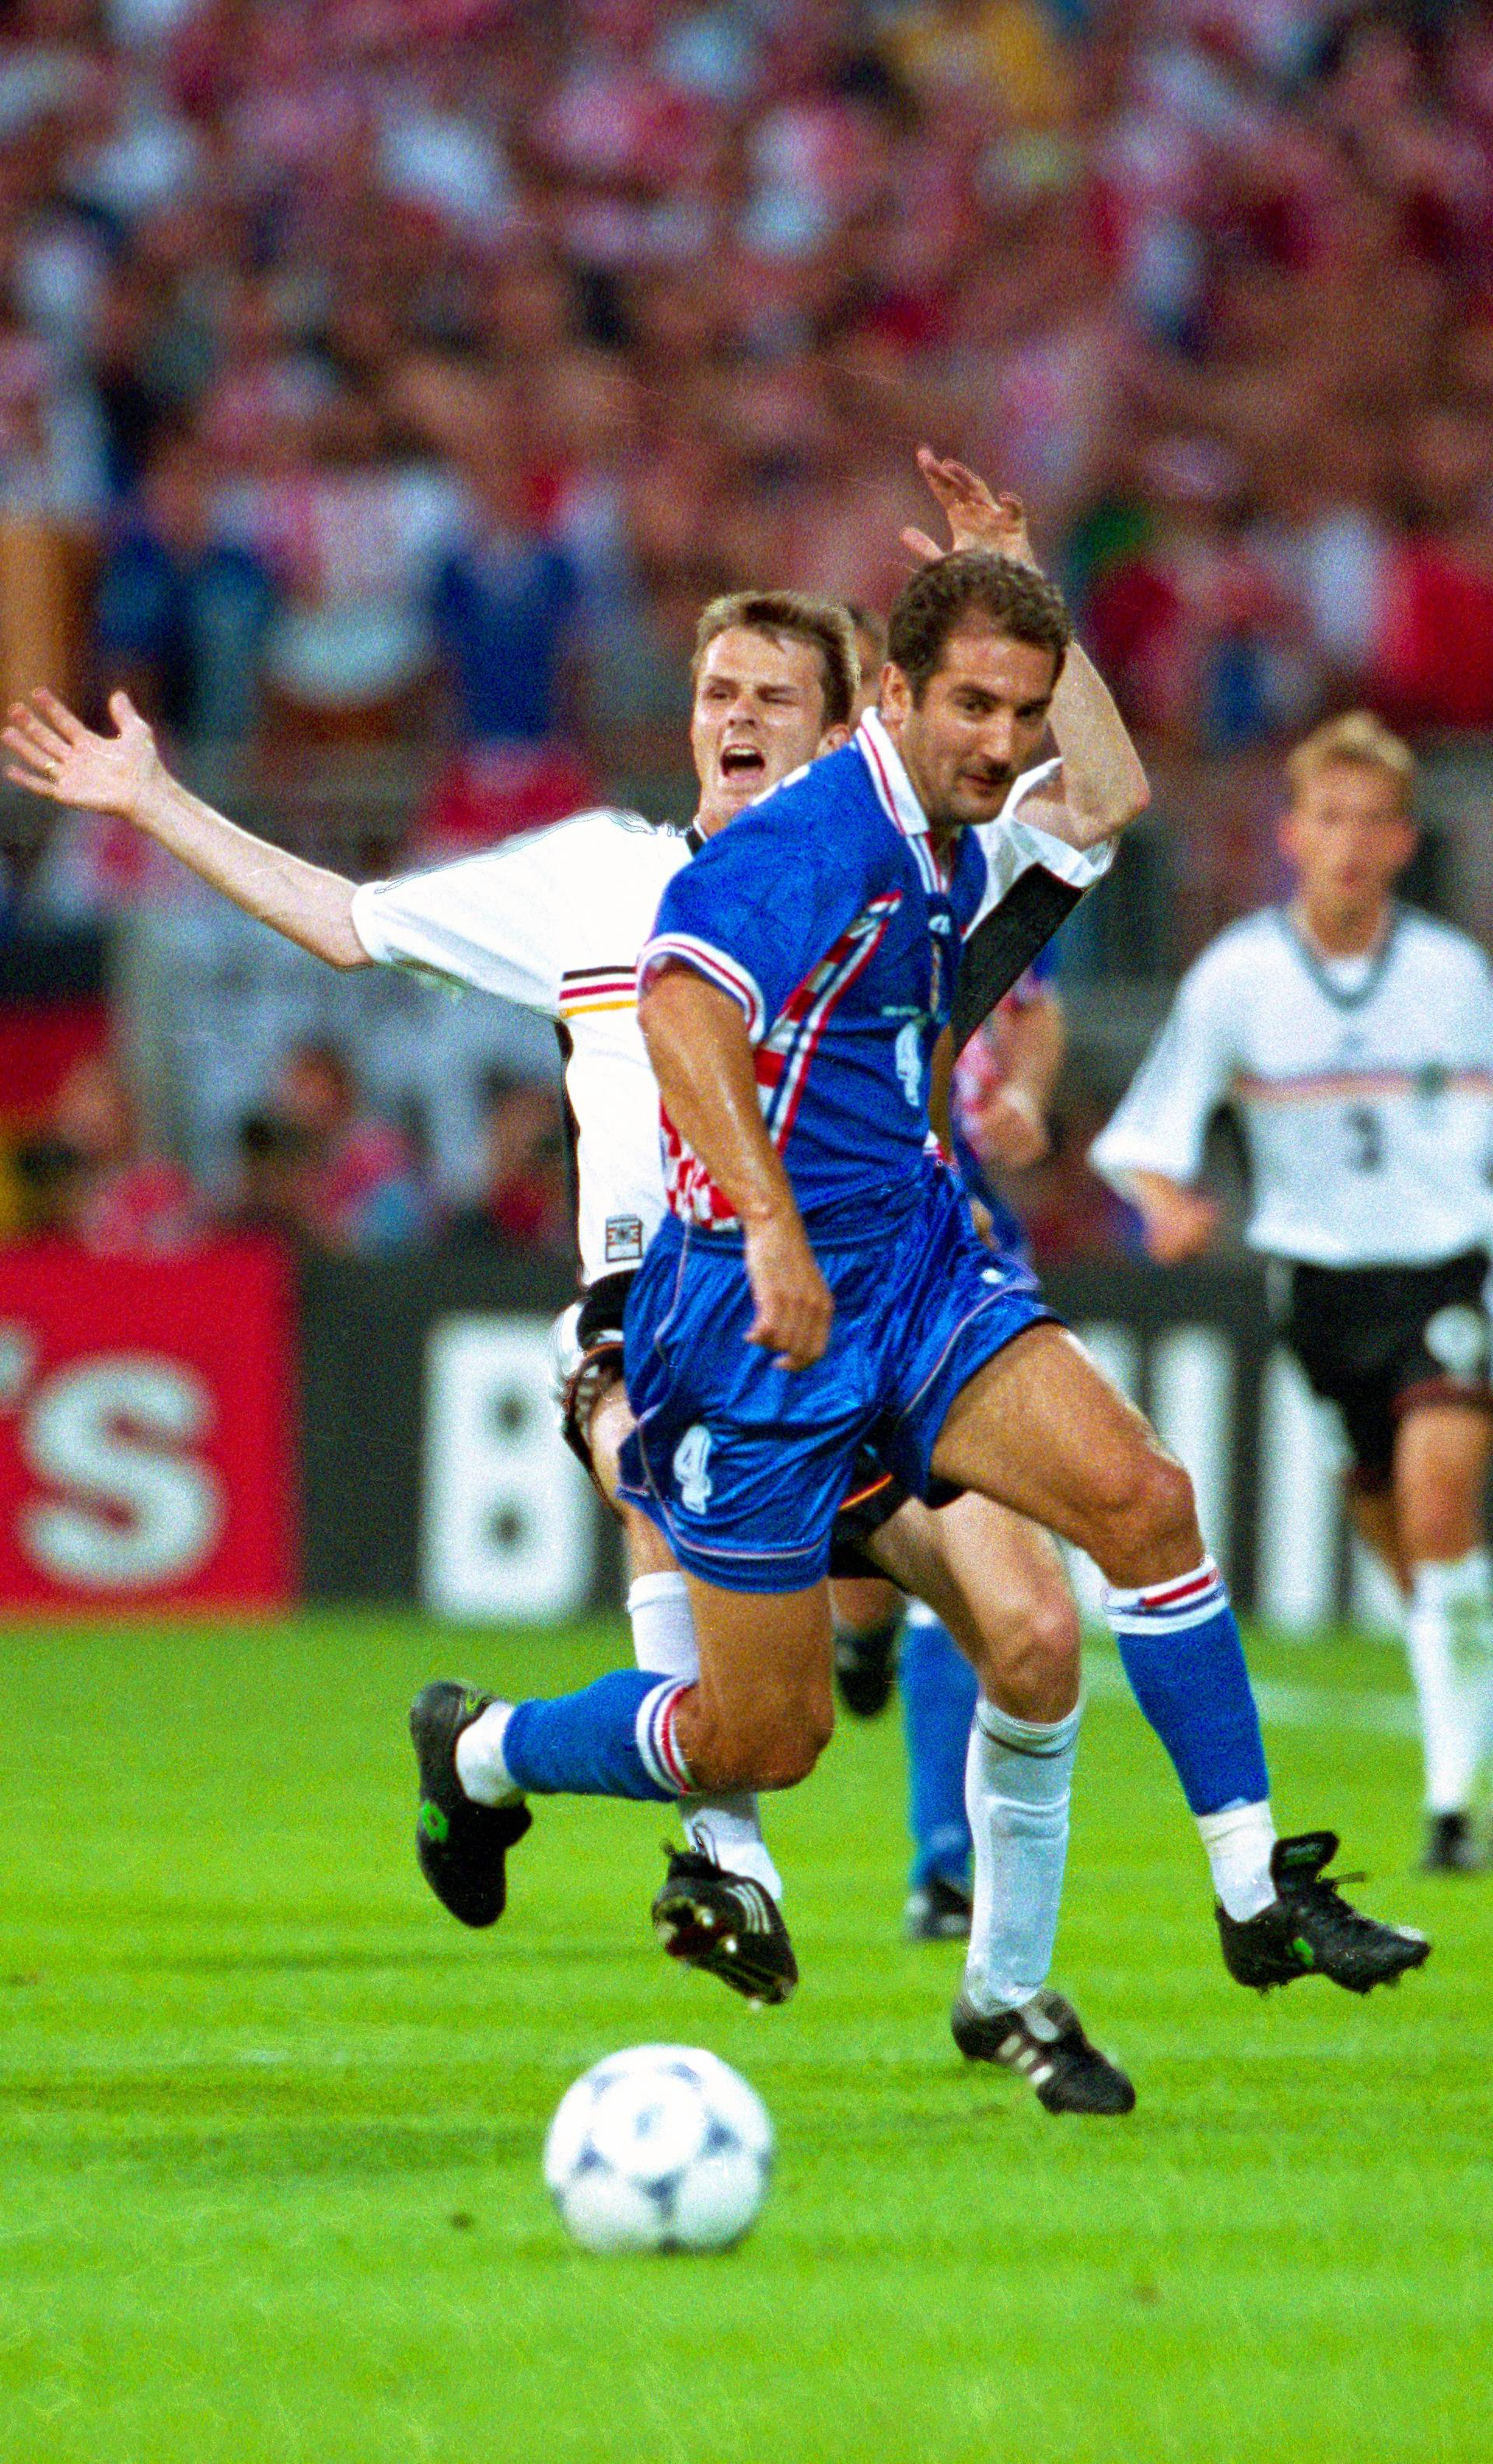 Svetsko nogometno prventsvo Francuska 1998